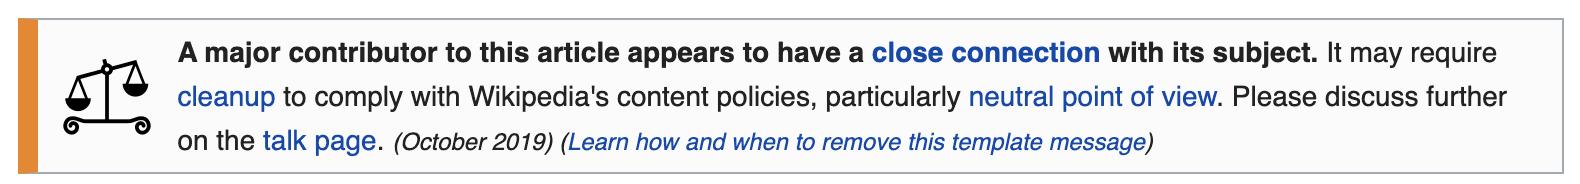 Wikipedia warning message